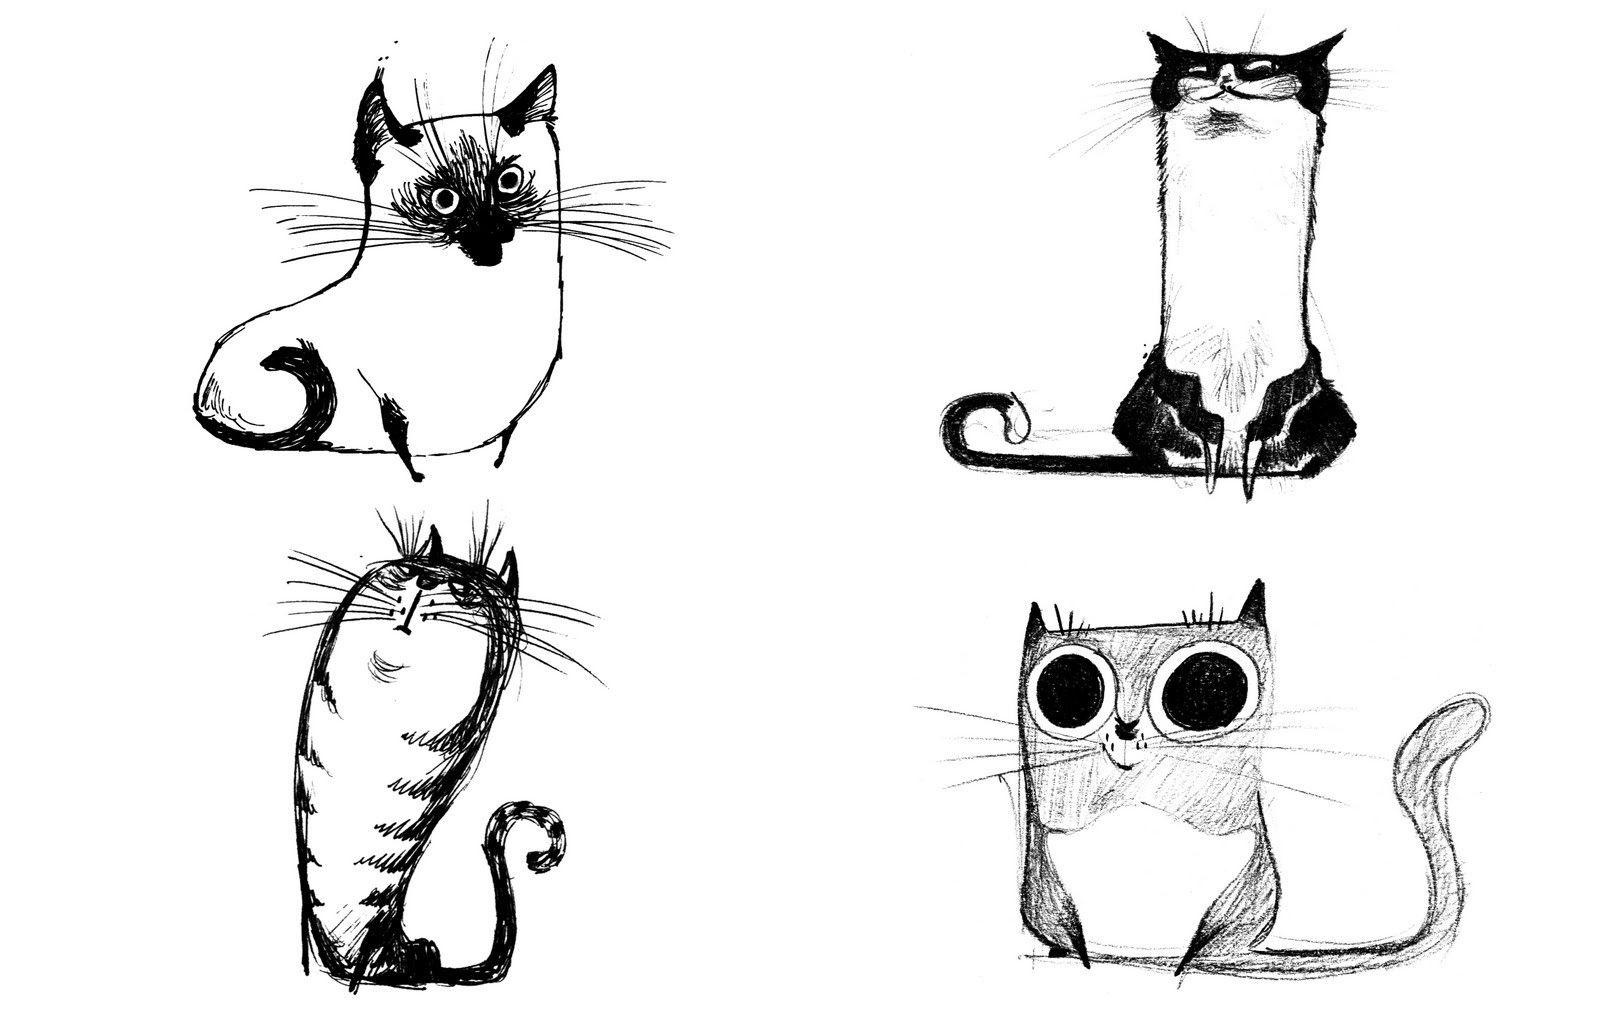 Как нарисовать смешной рисунок легко и просто гинекологическом